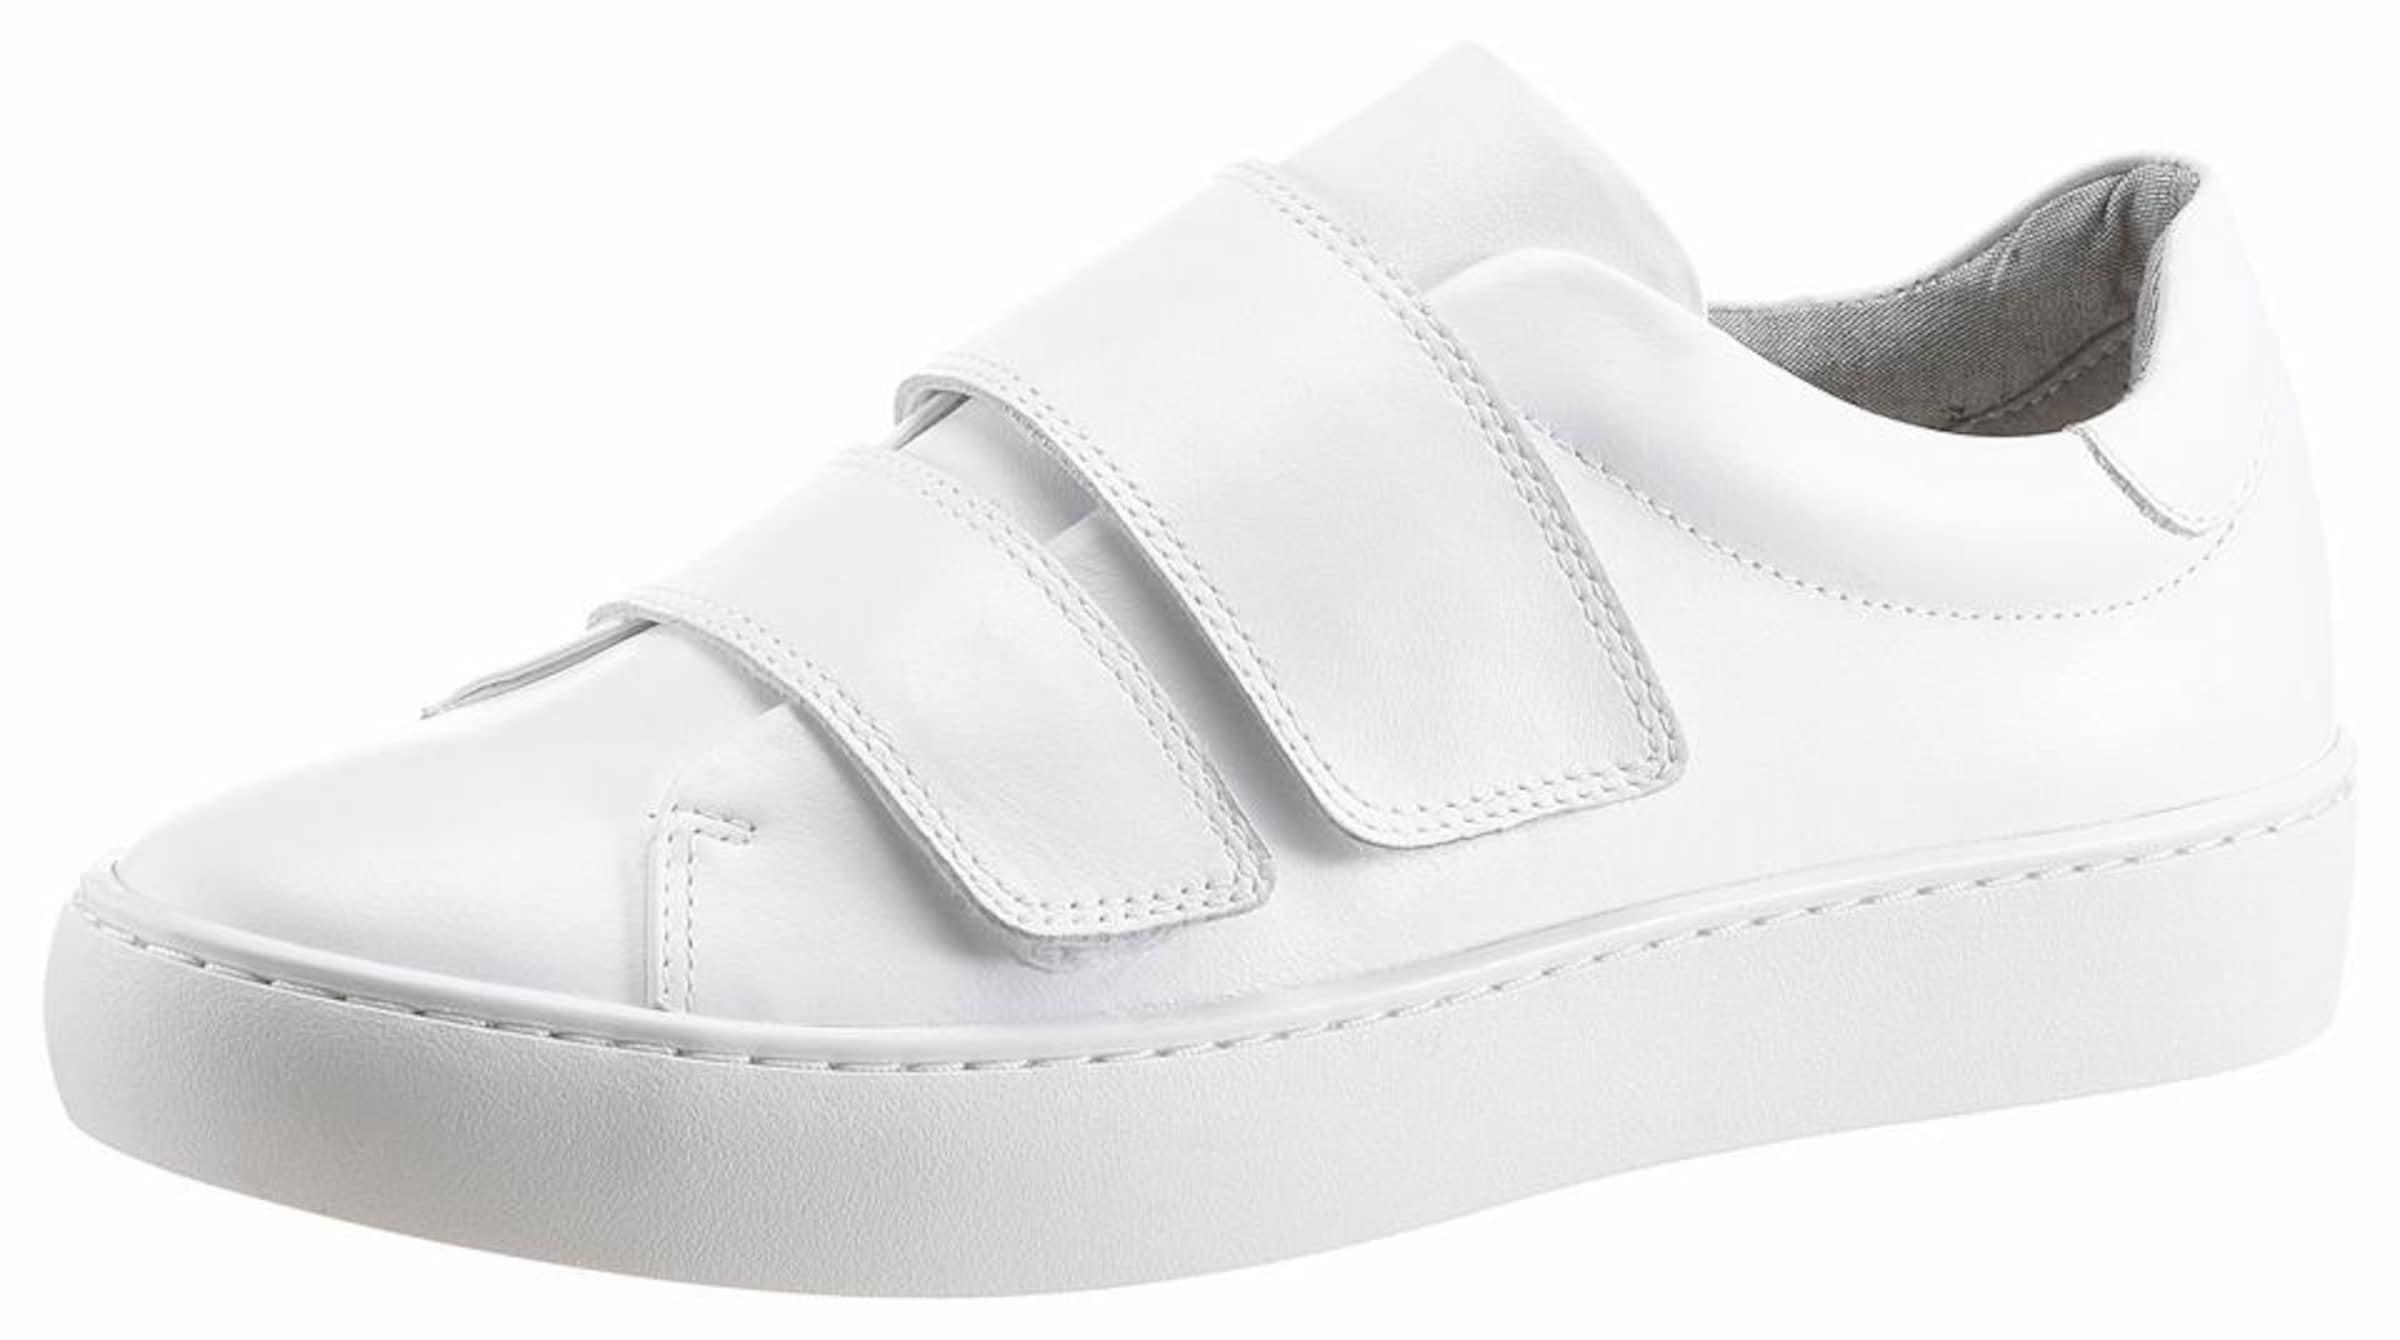 VAGABOND SHOEMAKERS Vagabond Slipper Verschleißfeste billige Schuhe